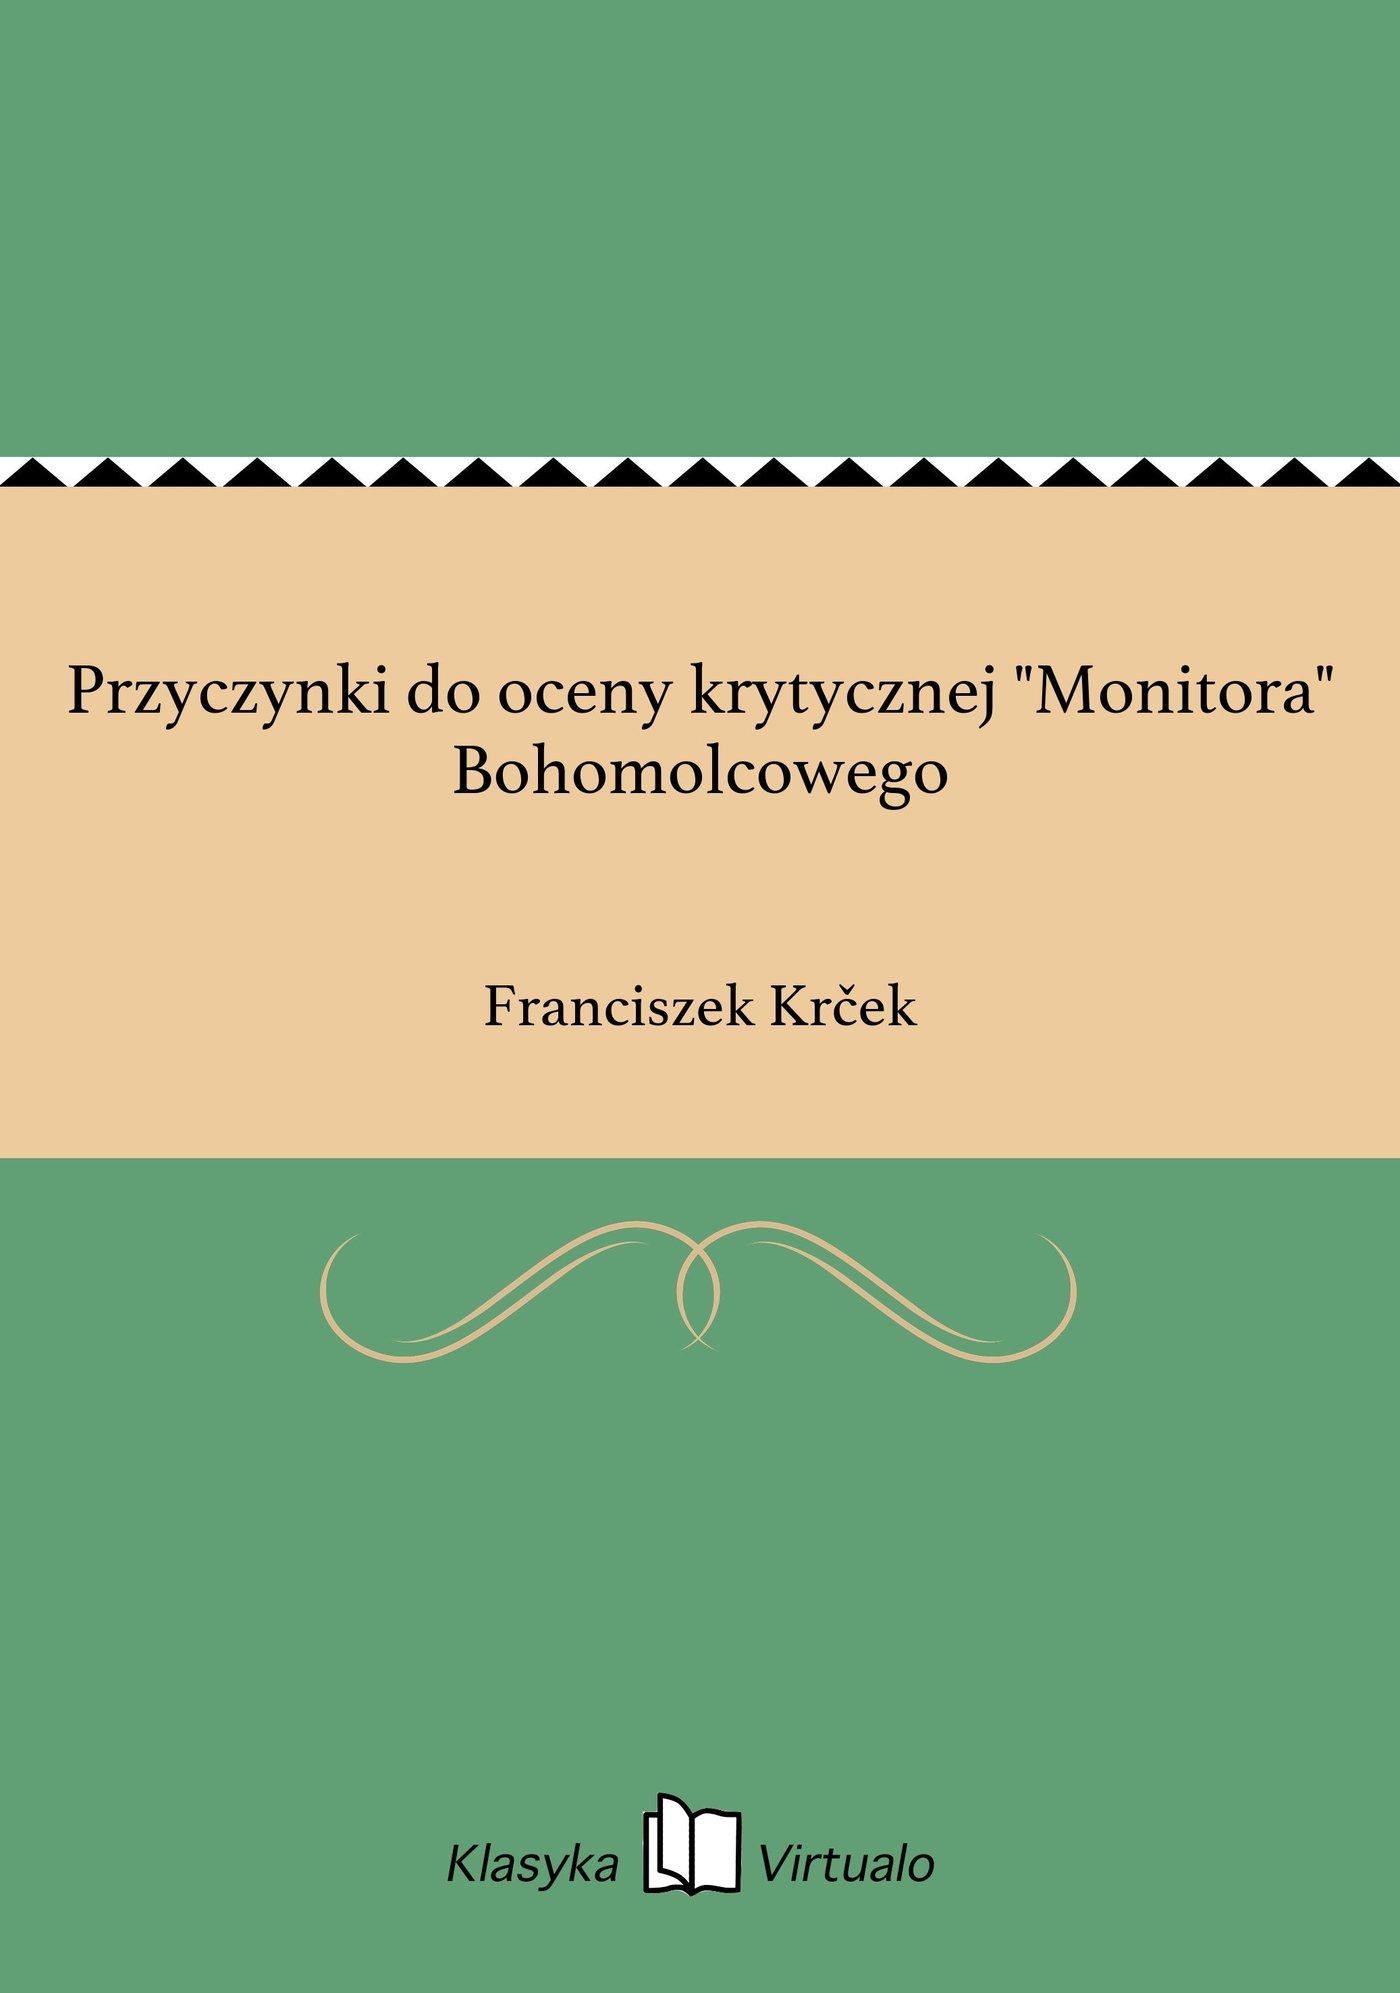 """Przyczynki do oceny krytycznej """"Monitora"""" Bohomolcowego - Ebook (Książka EPUB) do pobrania w formacie EPUB"""